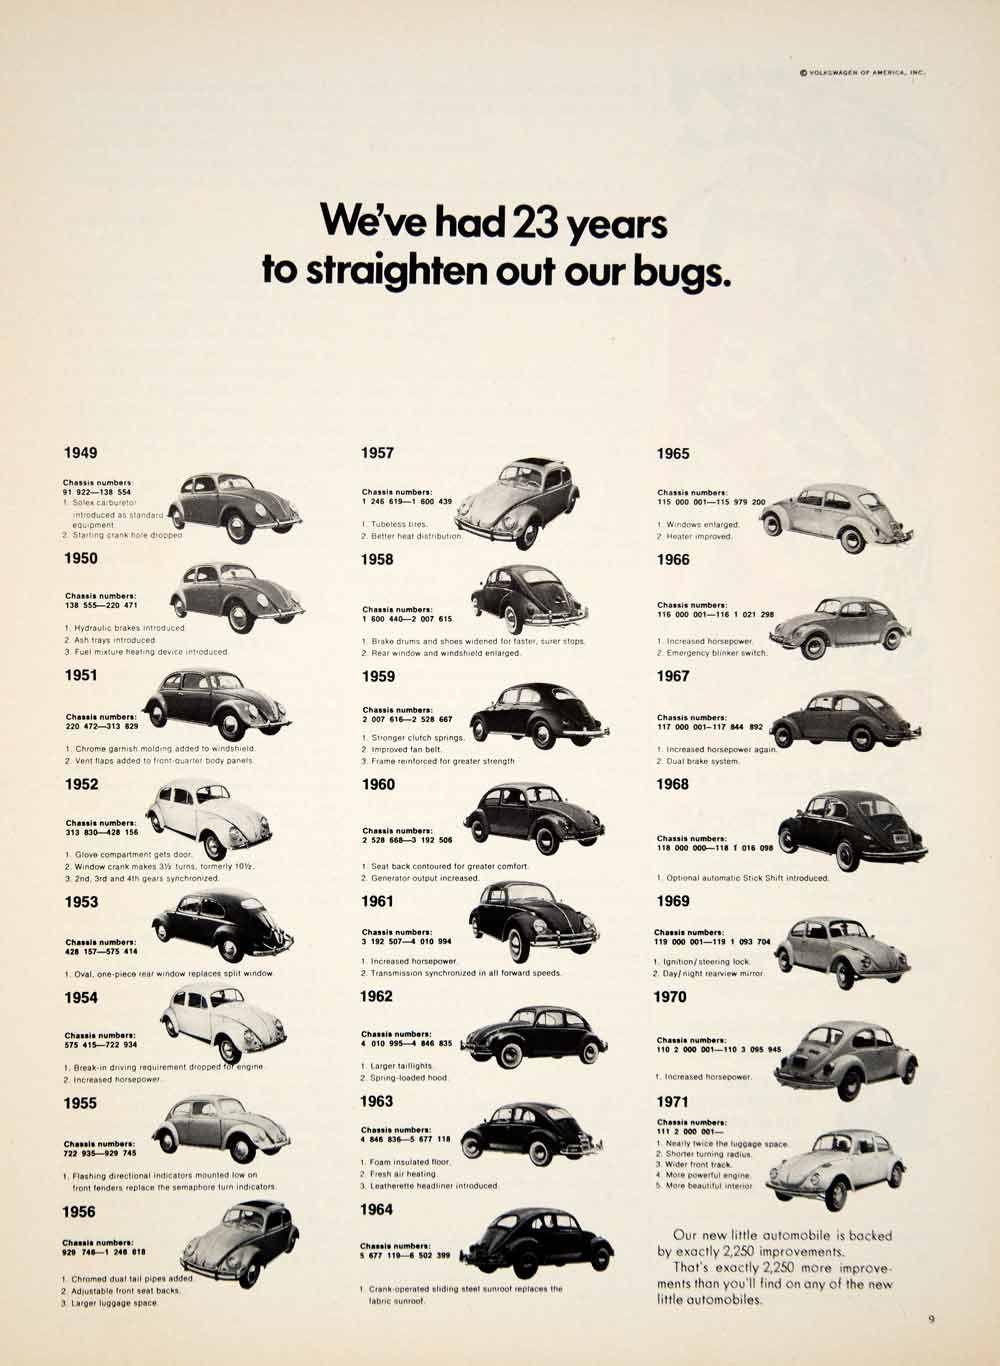 Ycd8 065 Jpg 1 000 1 366 Pixels Car Volkswagen Beetle Car Volkswagen Beetle